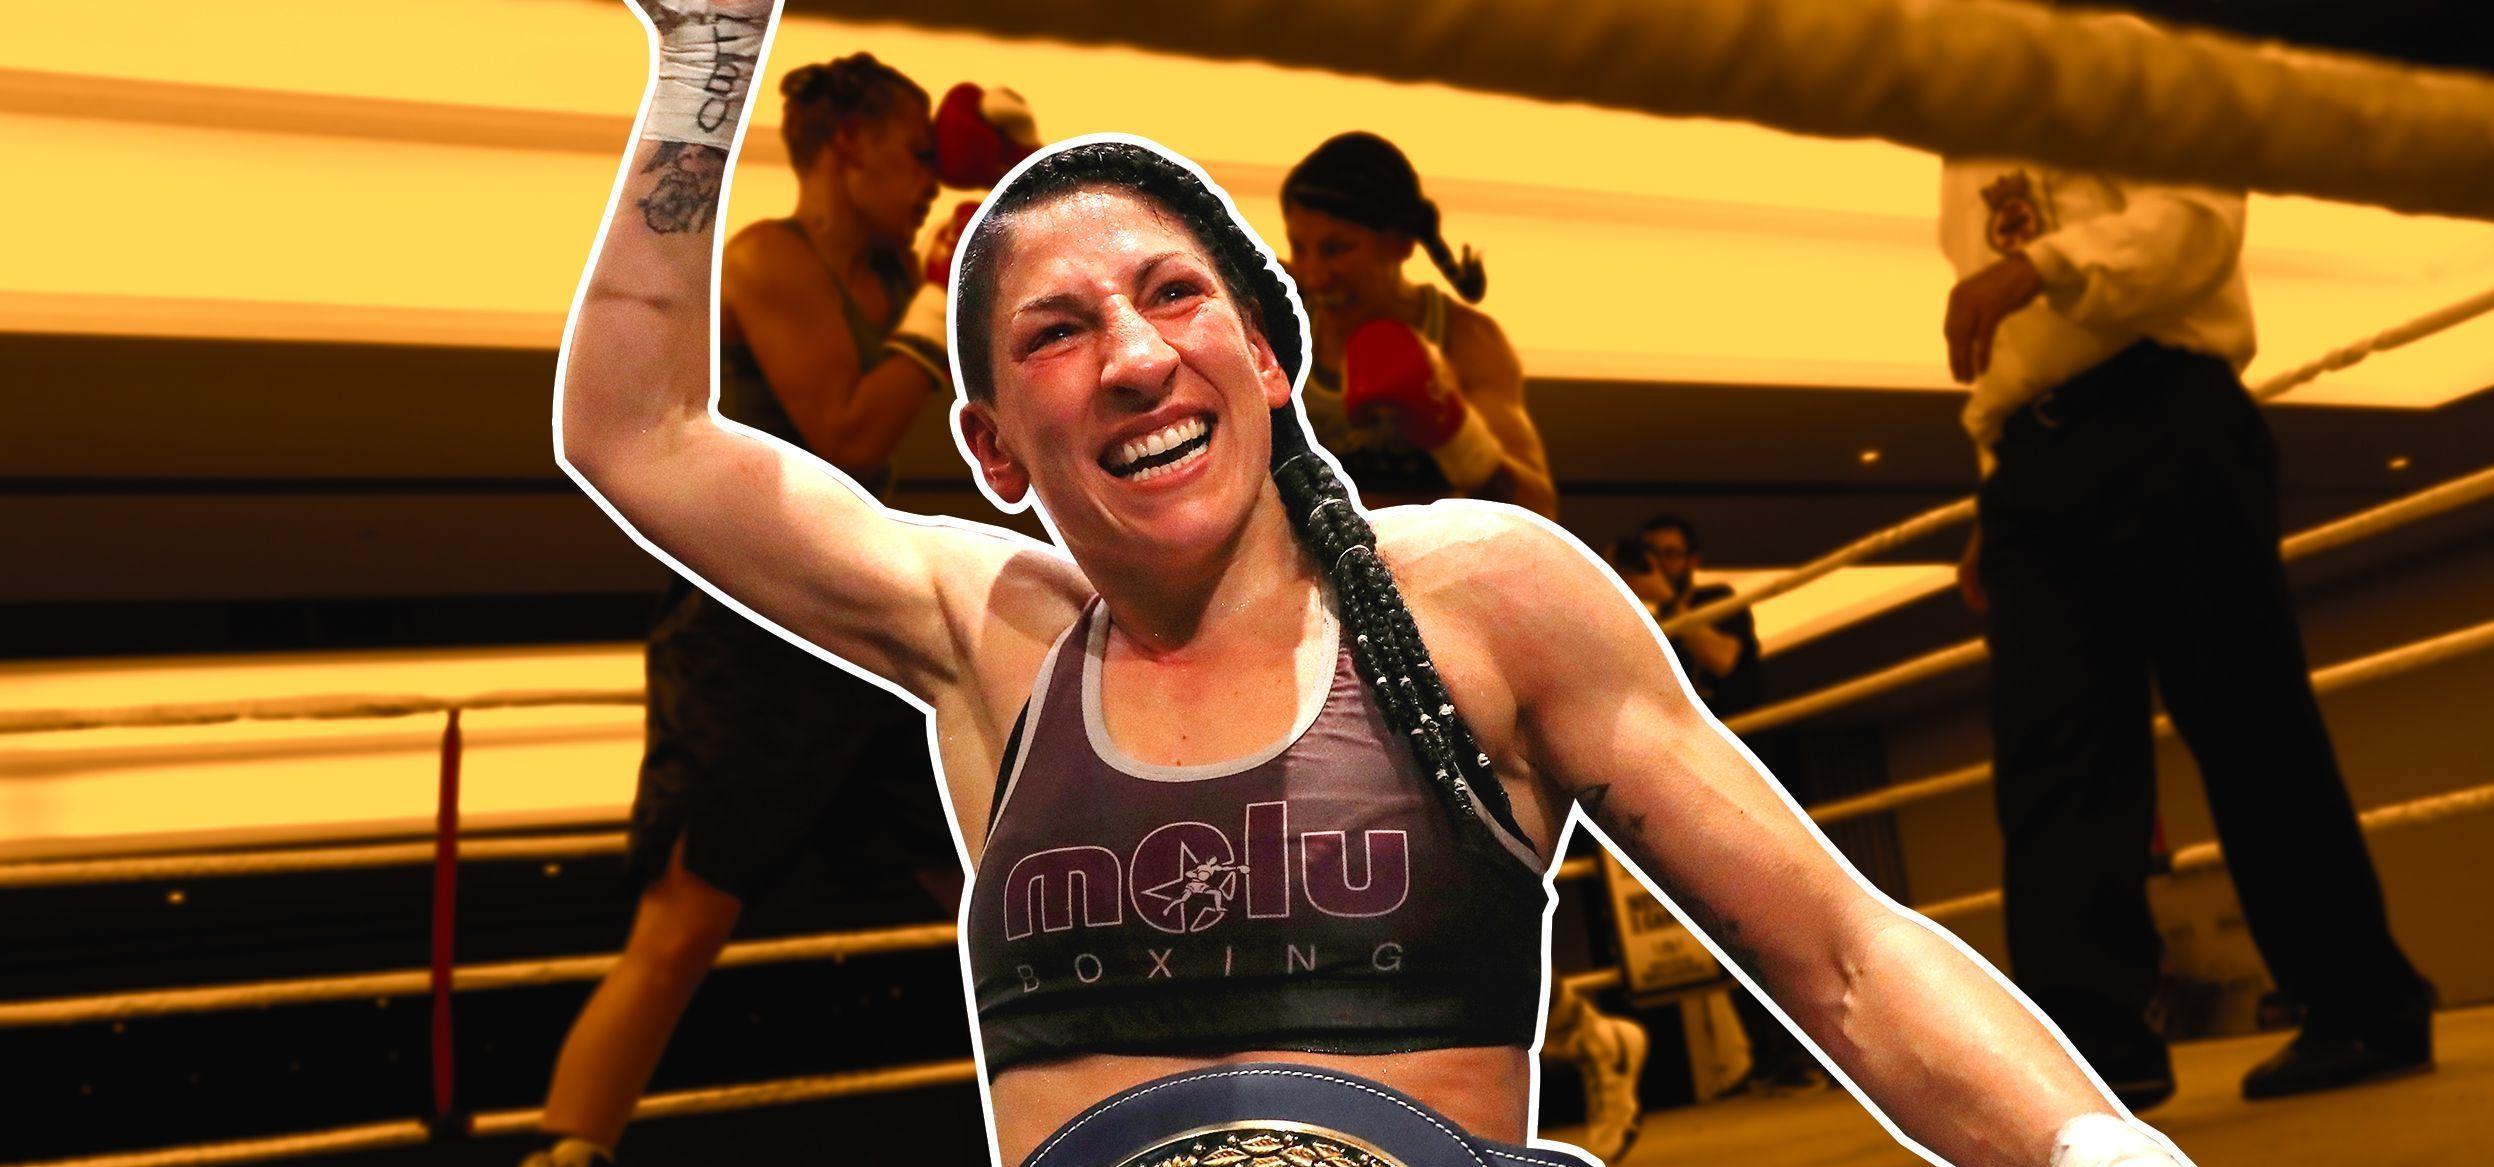 Miriam Gutierrez Boxer